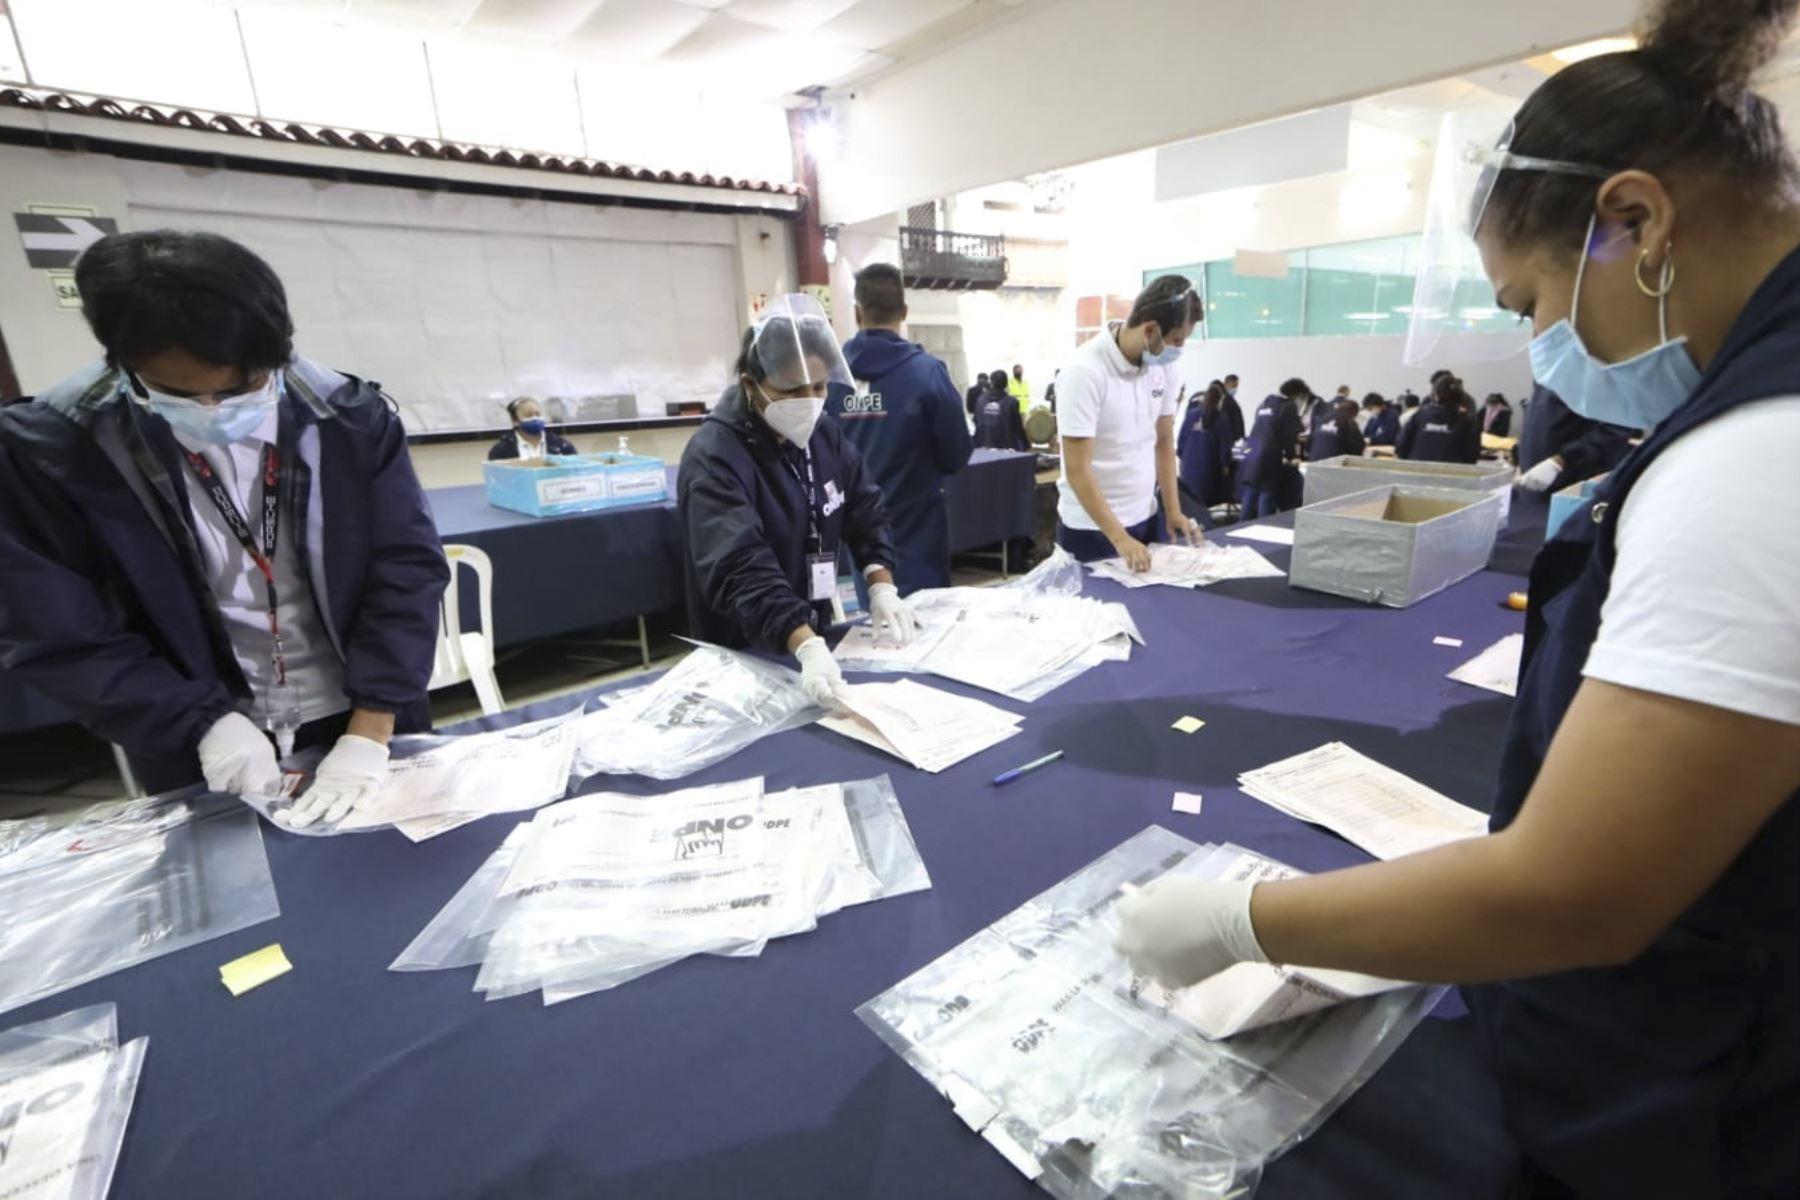 La Oficina Descentralizada de Procesos Electorales Lima Centro 1, en el distrito de Jesús María, continúa recibiendo actas electorales provenientes del extranjero de las Elecciones Generales 2021. Foto: Difusión